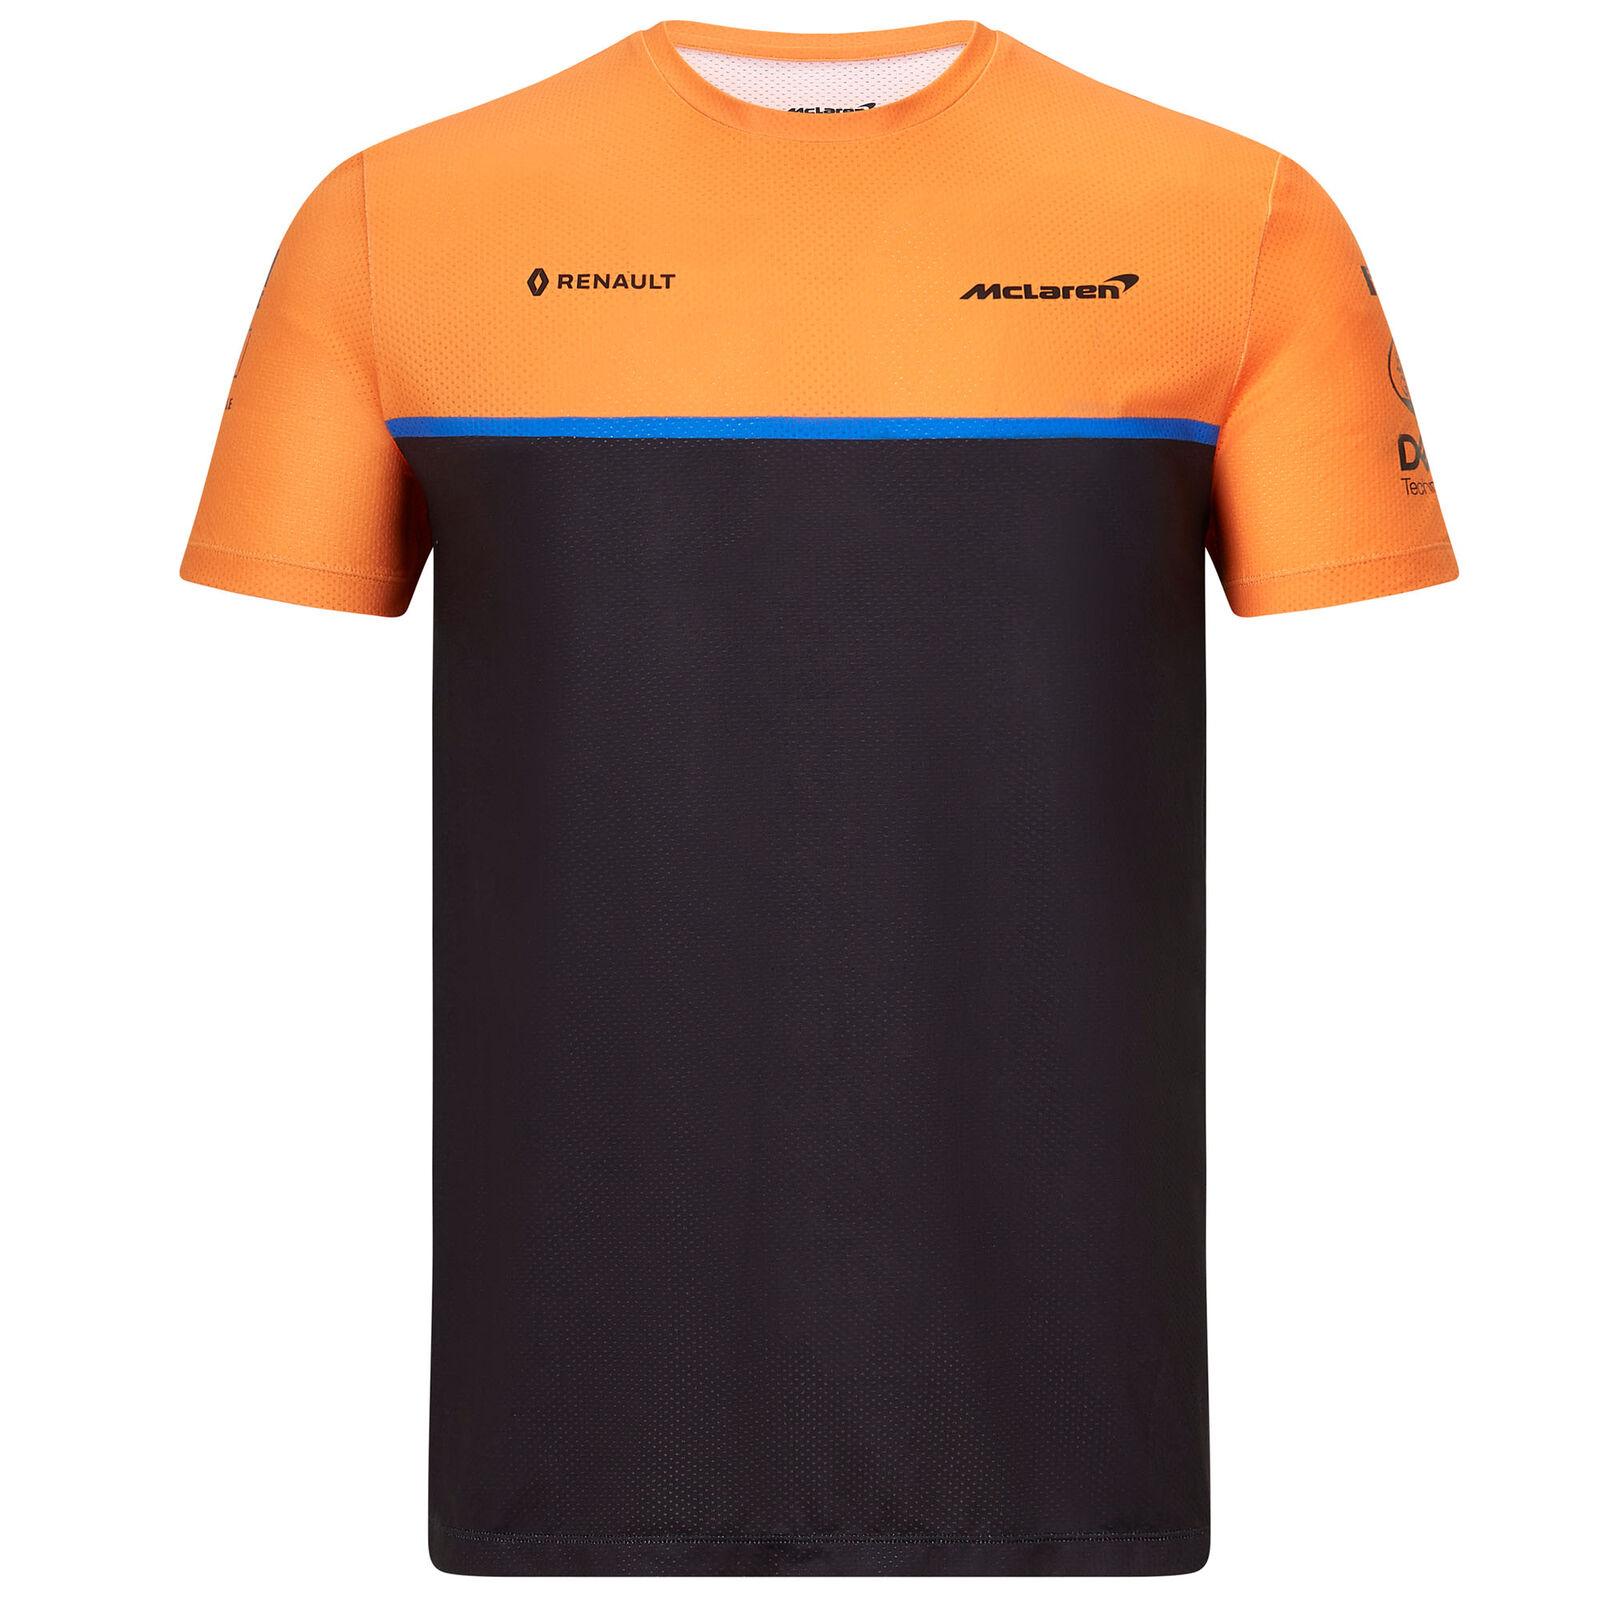 ★送料無料★Mclaren F1 Team Official Set Up Tee マクラーレン オフィシャル Tシャツ 半袖